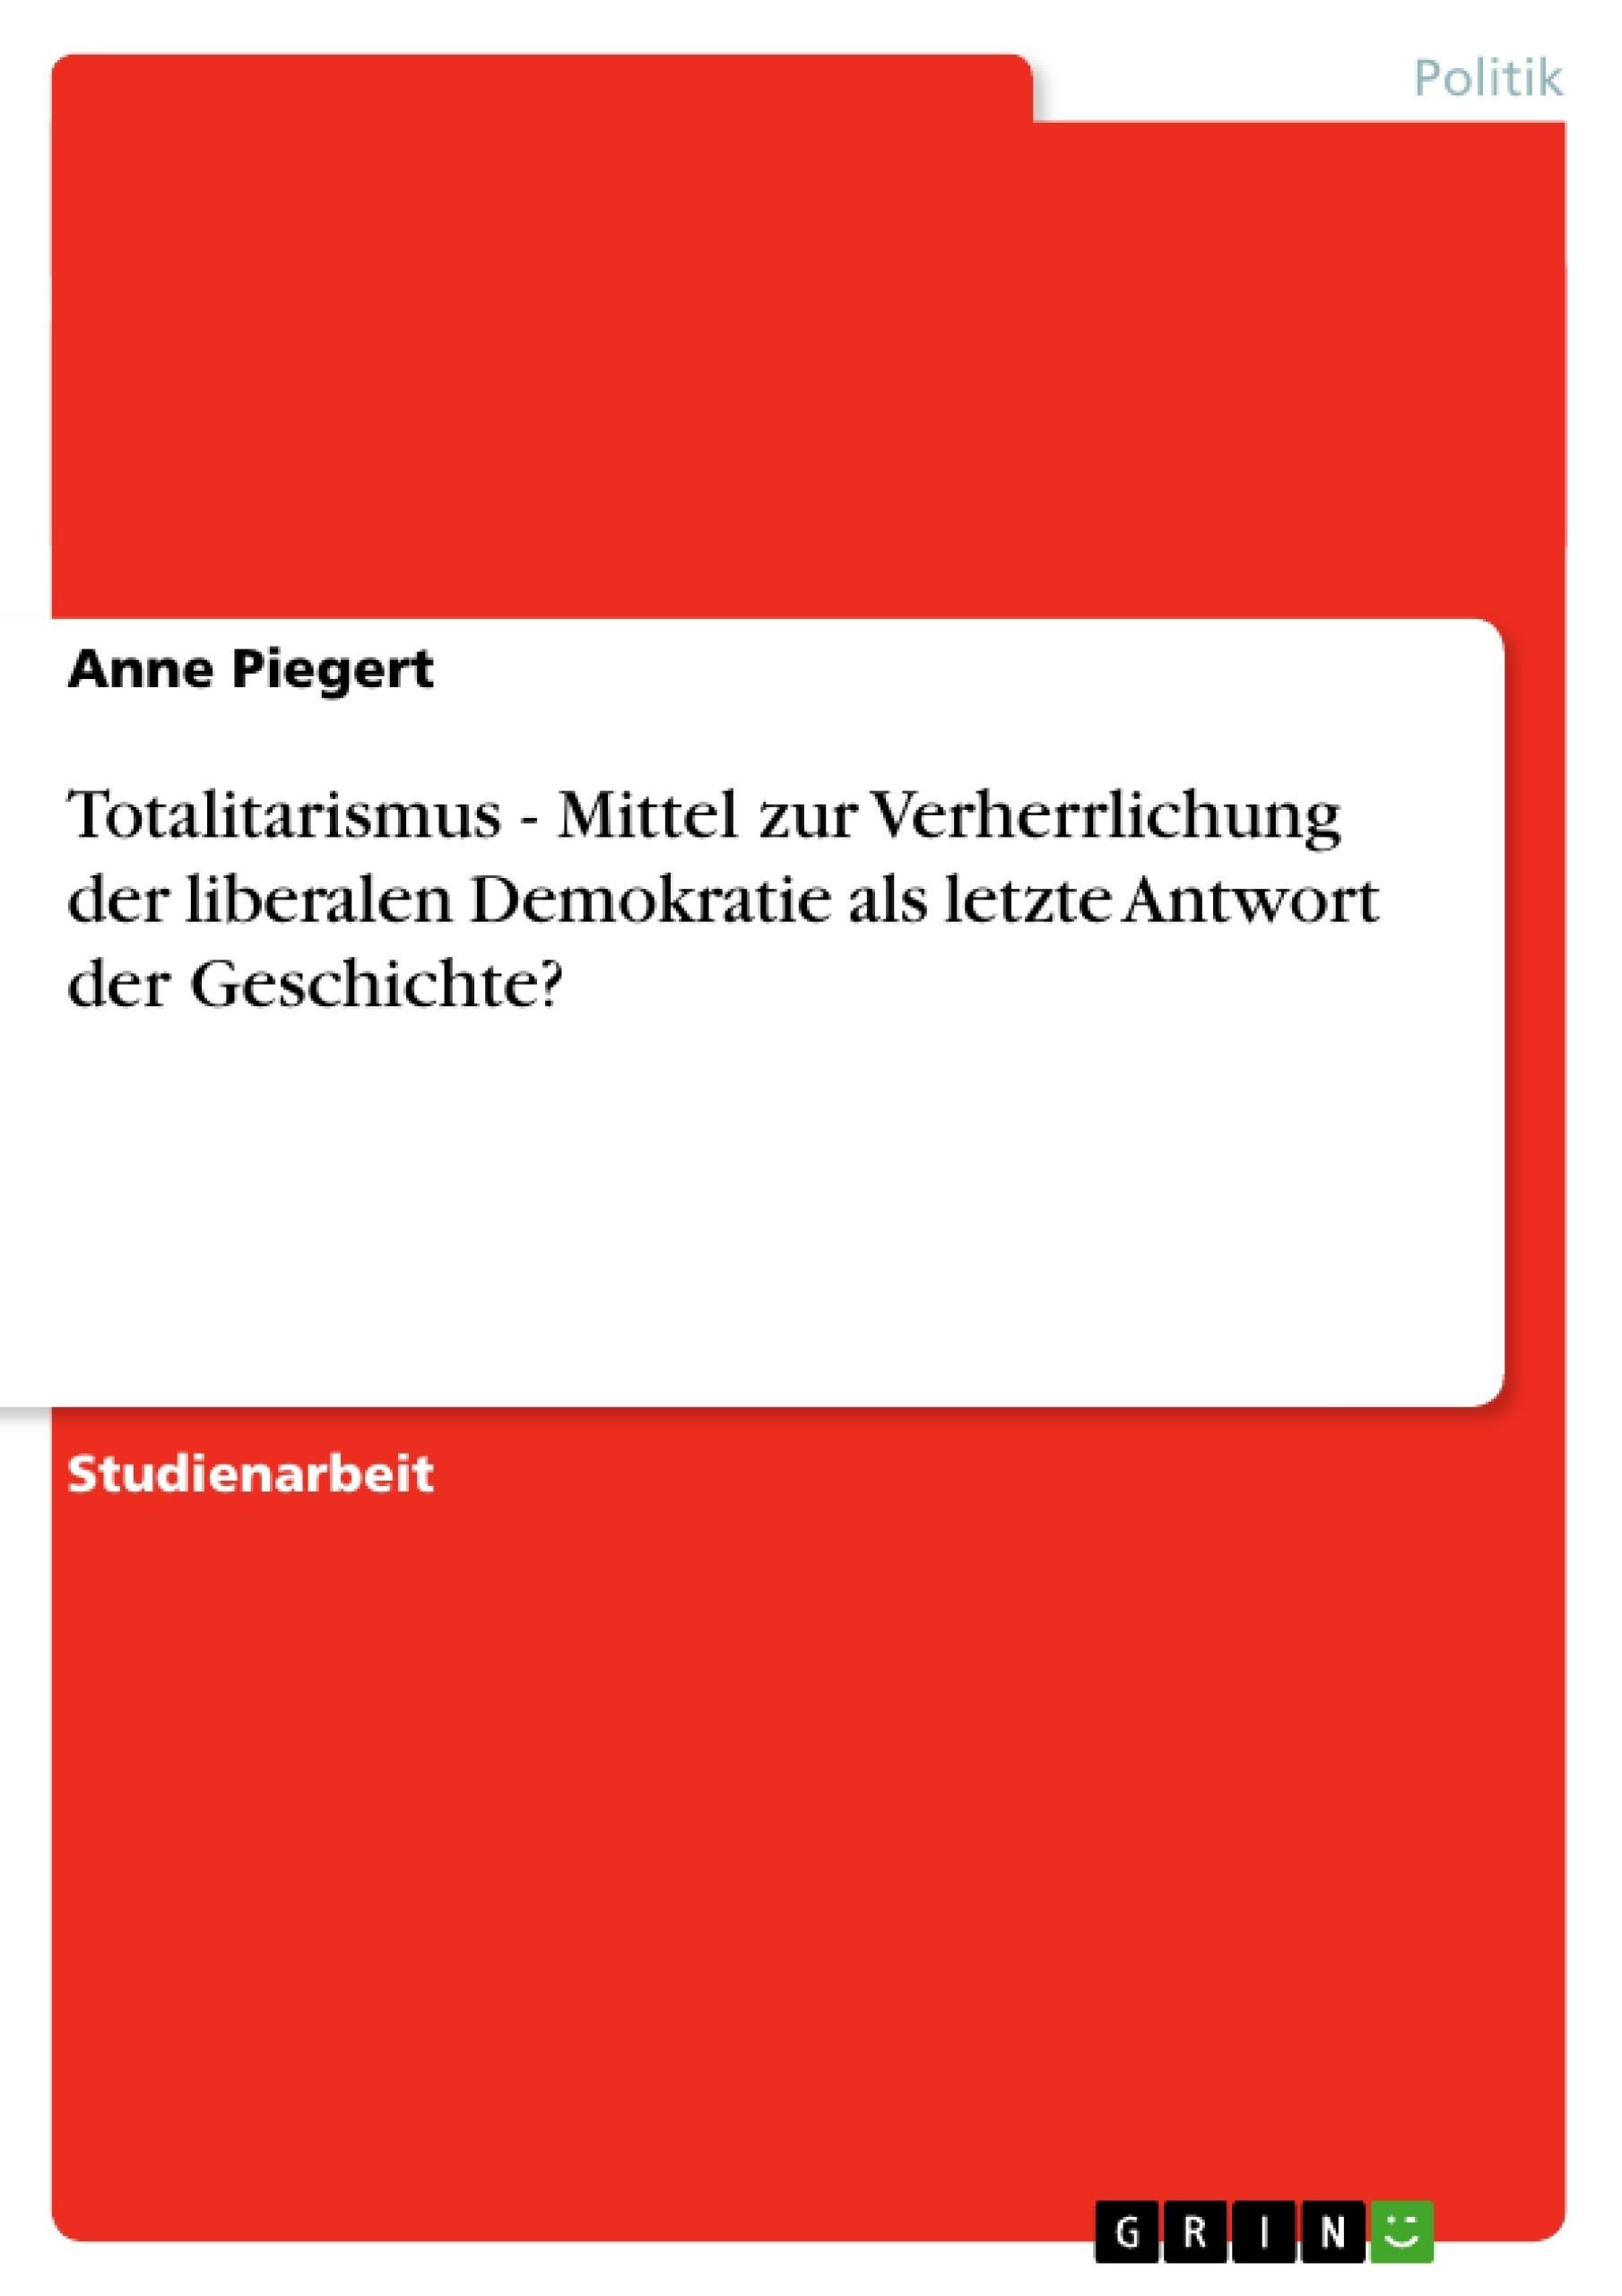 Titel: Totalitarismus - Mittel zur Verherrlichung der liberalen Demokratie als letzte Antwort der Geschichte?